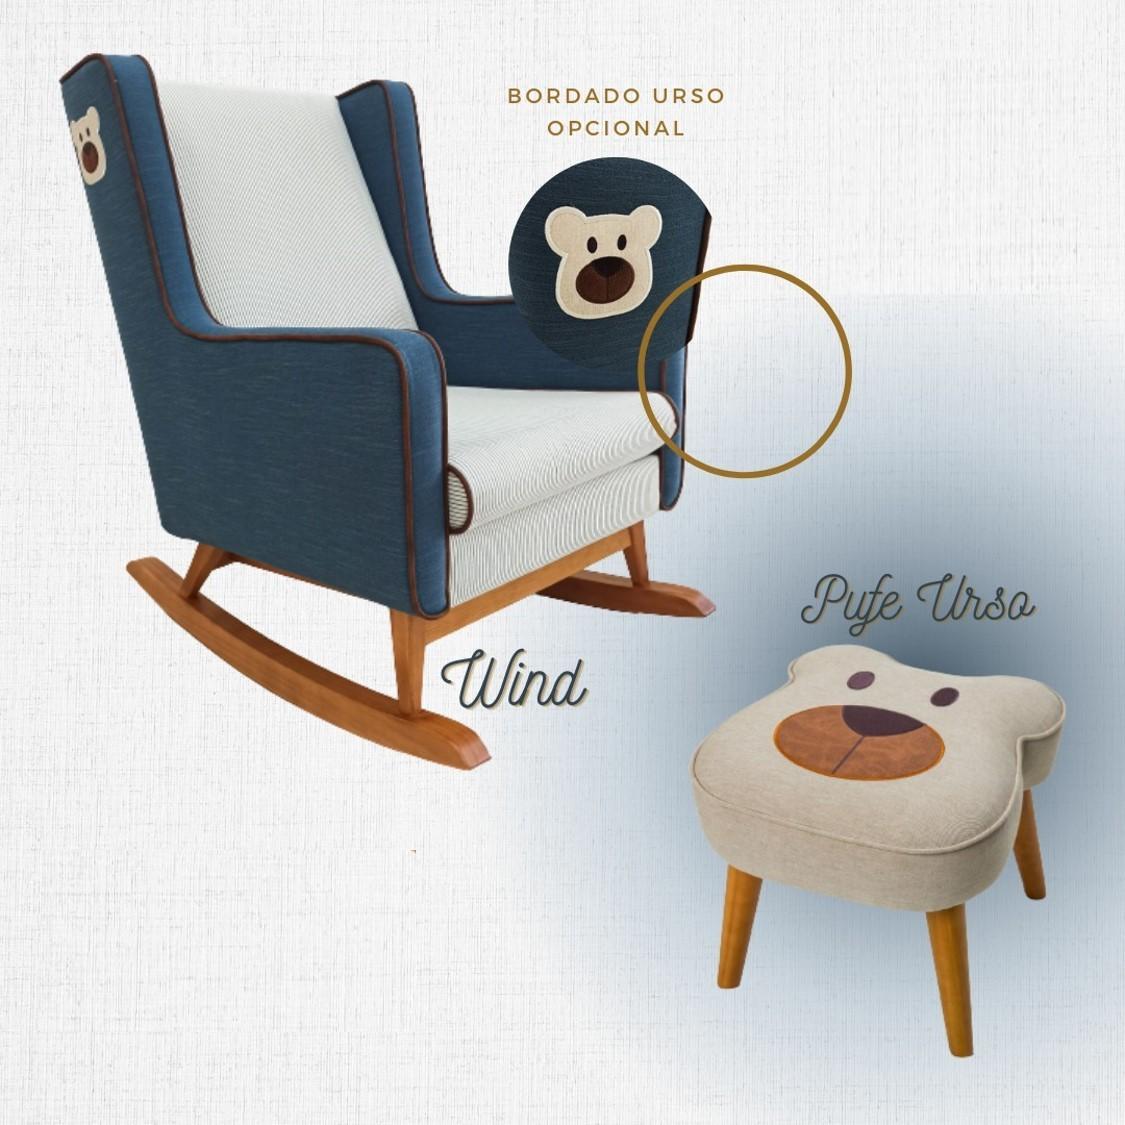 Poltrona de Amamentação Wind Urso